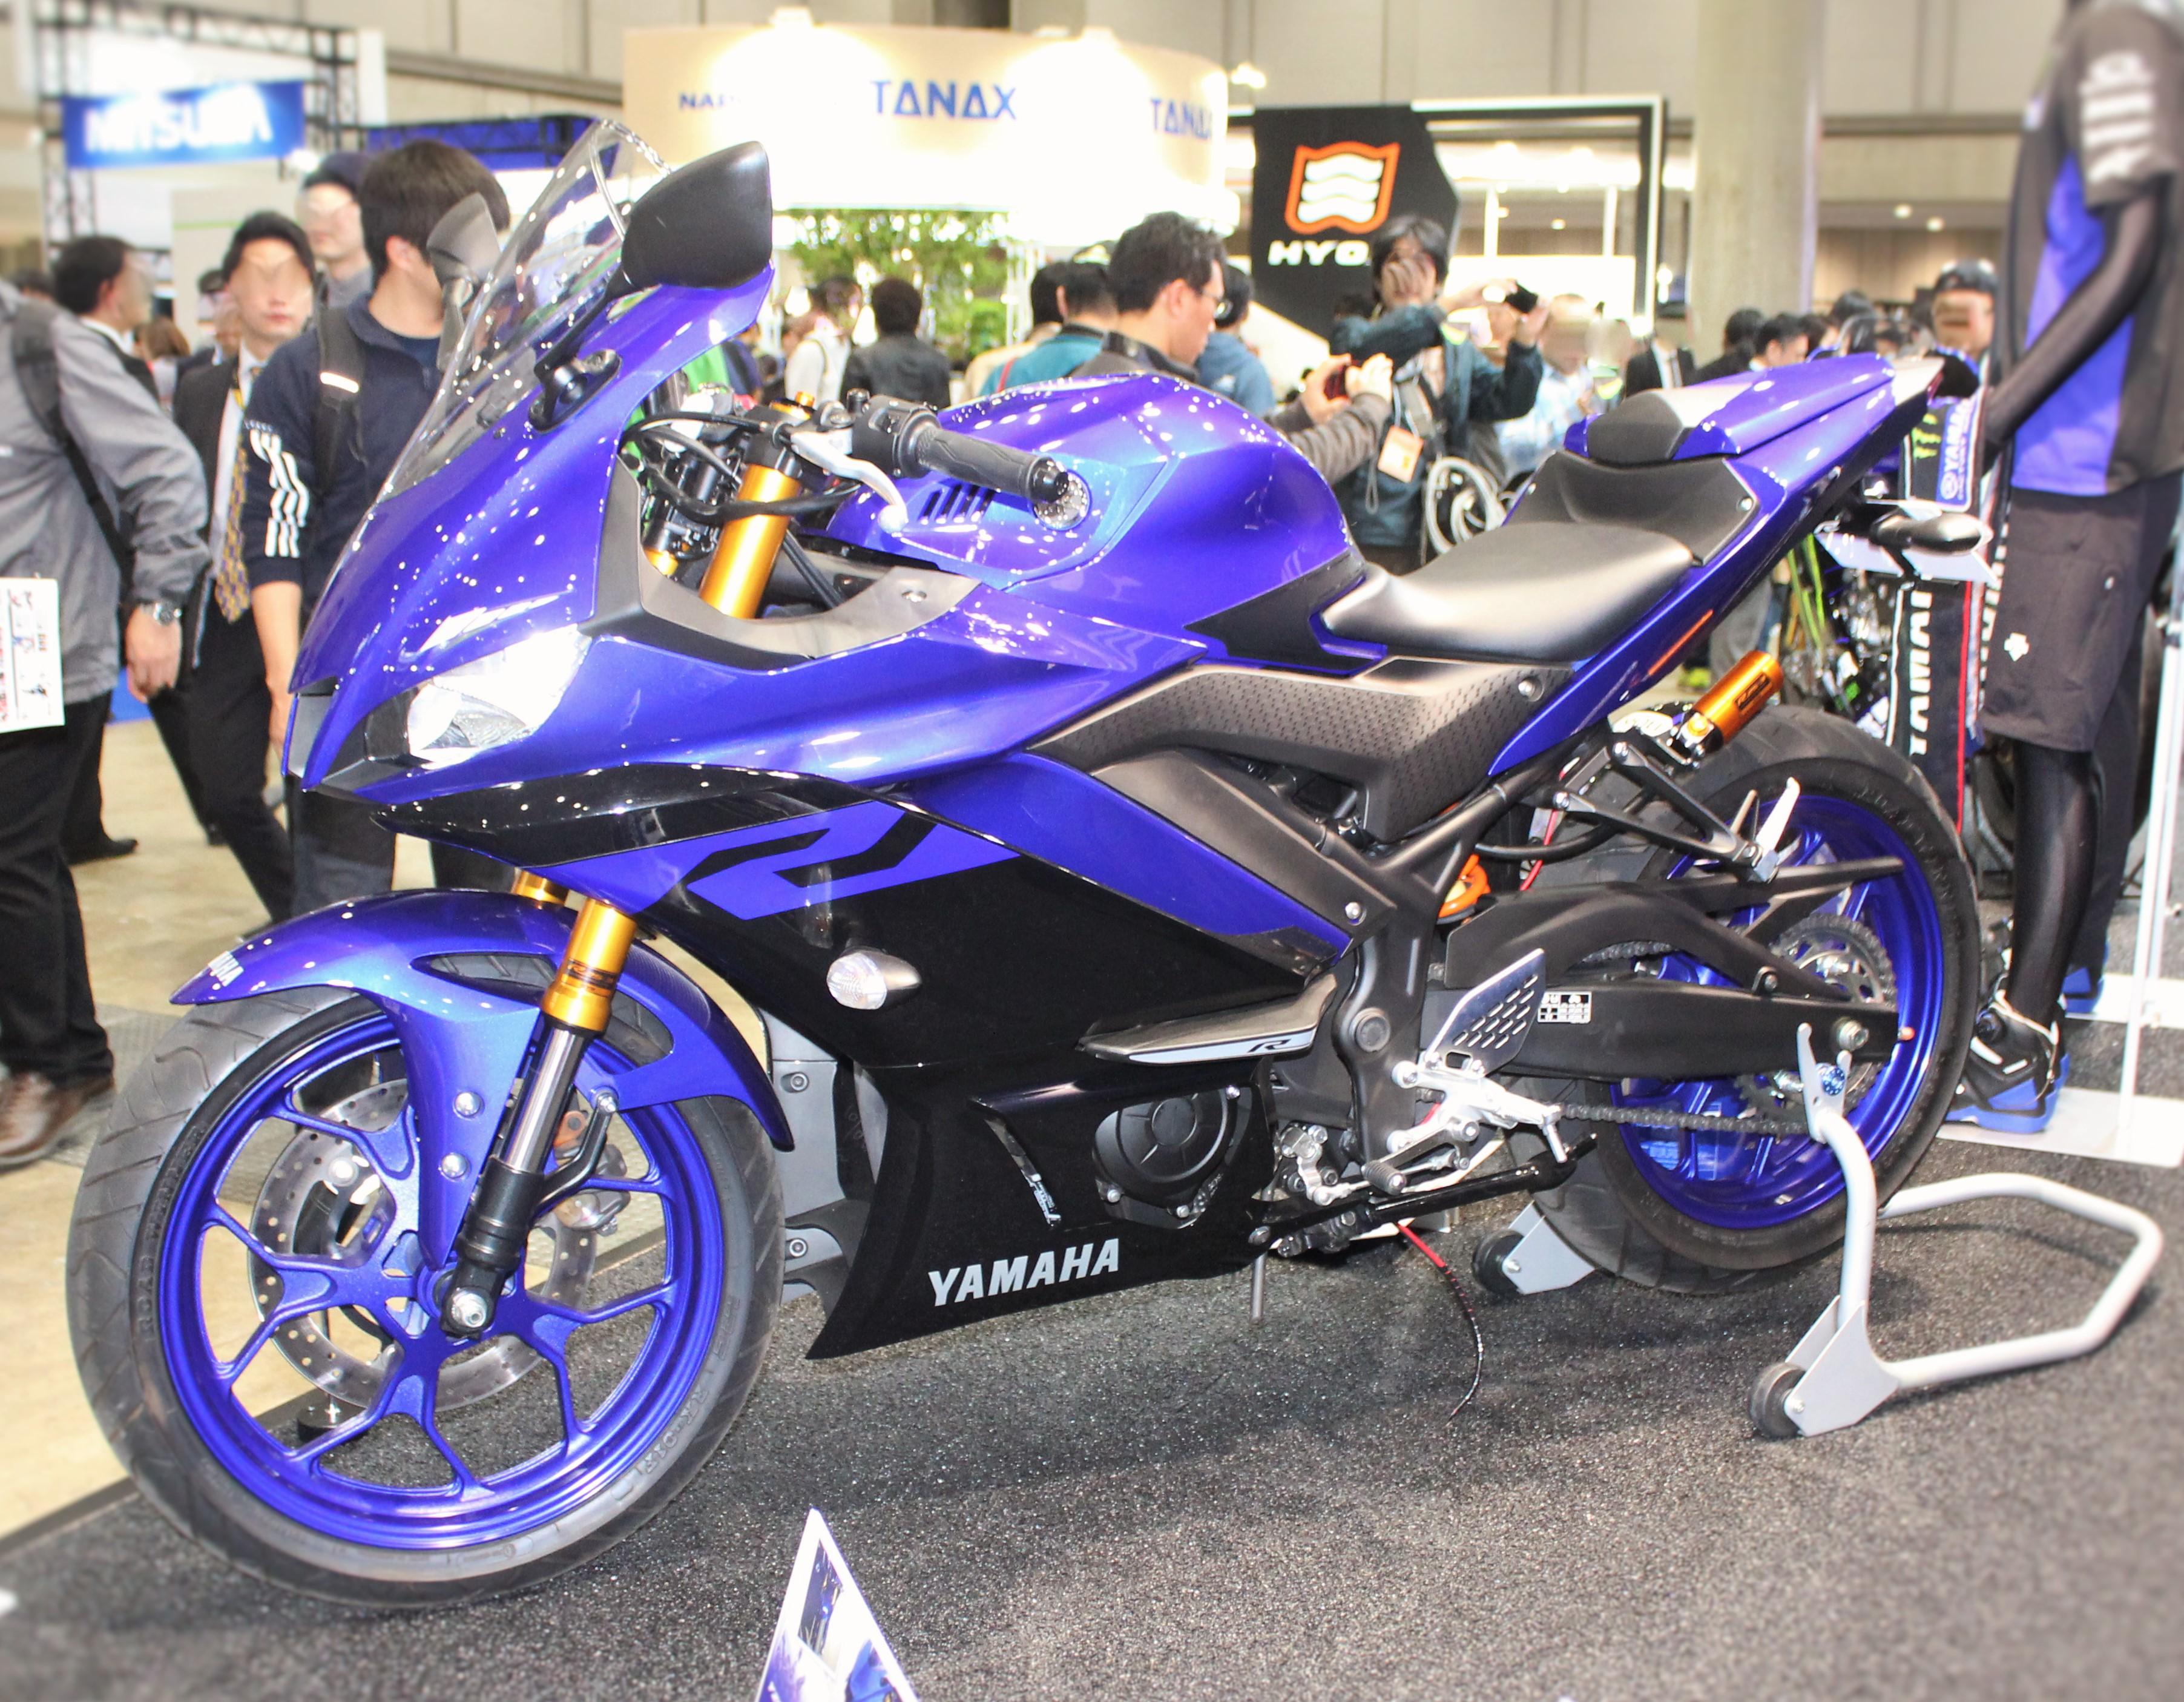 東京モーターサイクルショーでYAMAHAは「バイク+旅」の楽しさを提案